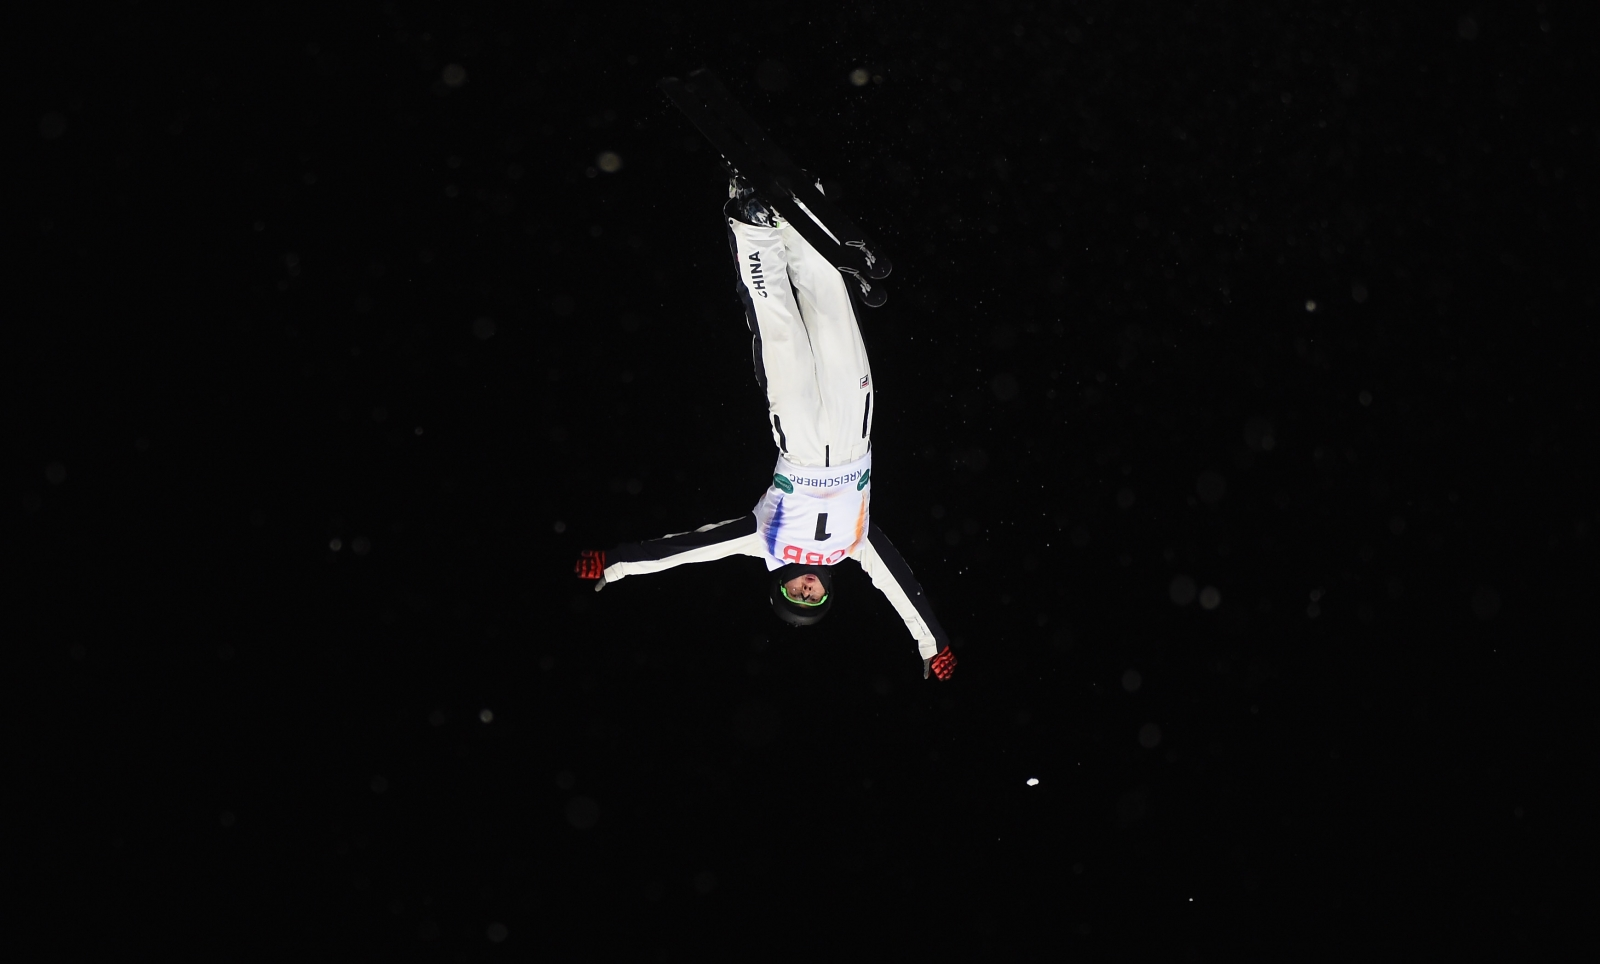 Chinese skiier